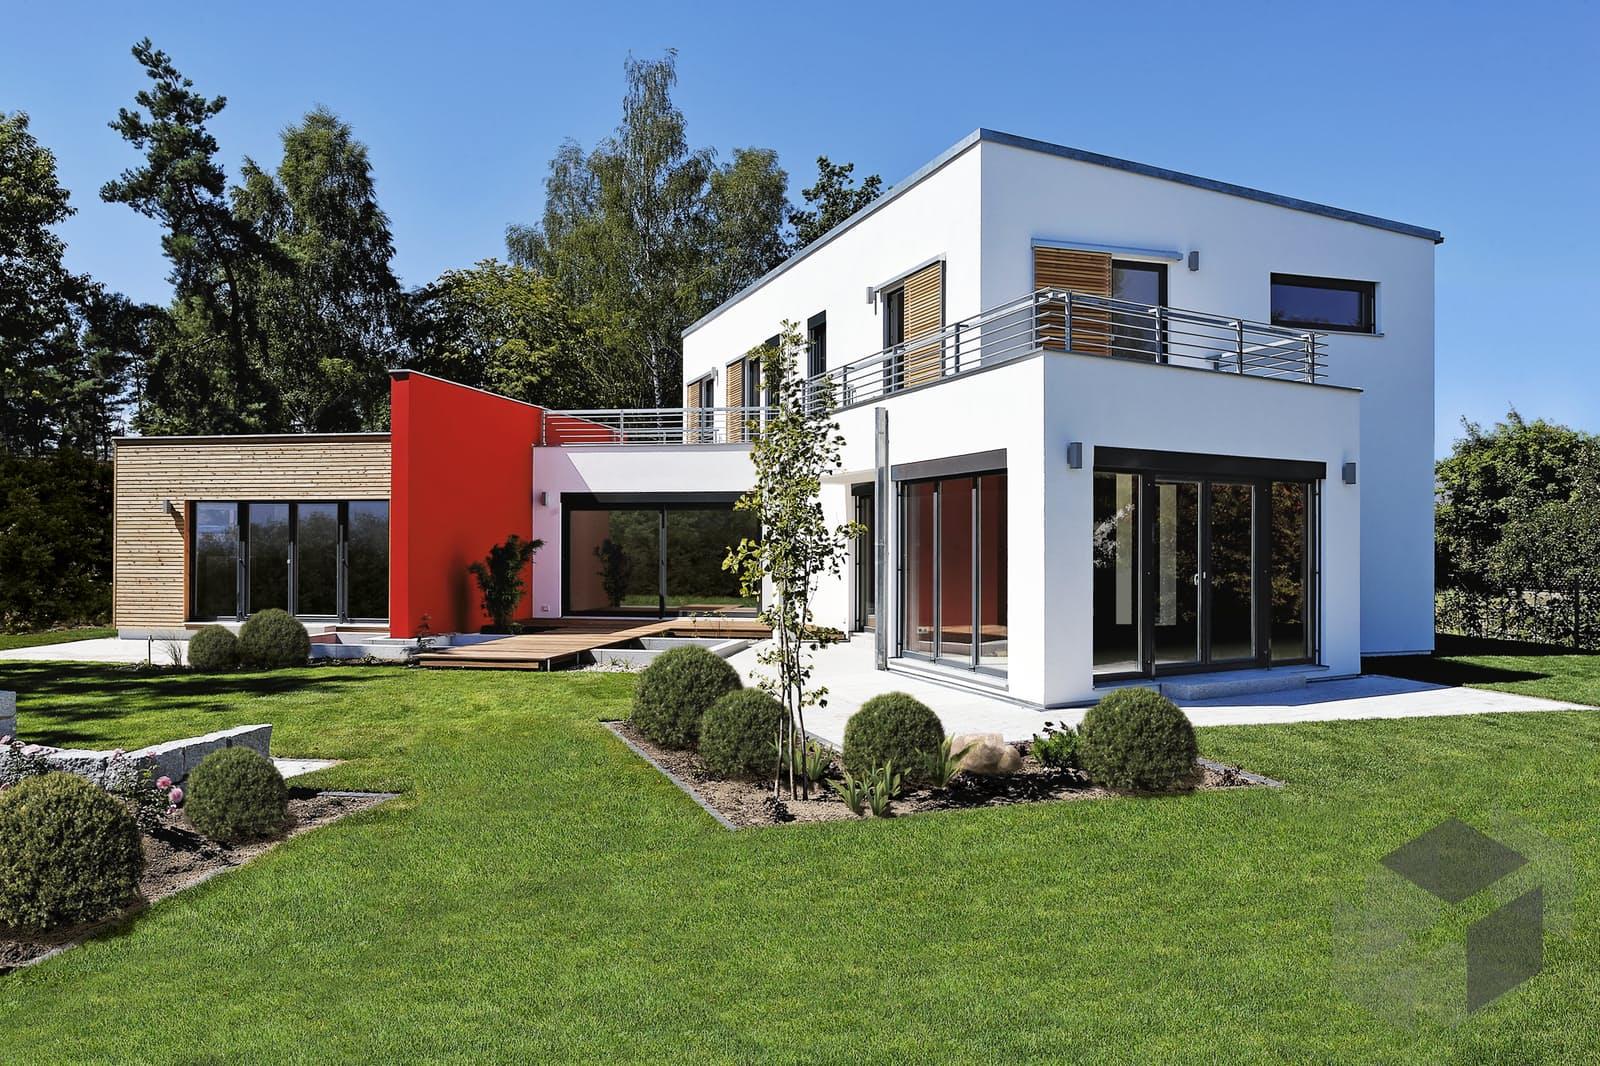 mh georgensgm nd von luxhaus komplette daten bersicht. Black Bedroom Furniture Sets. Home Design Ideas